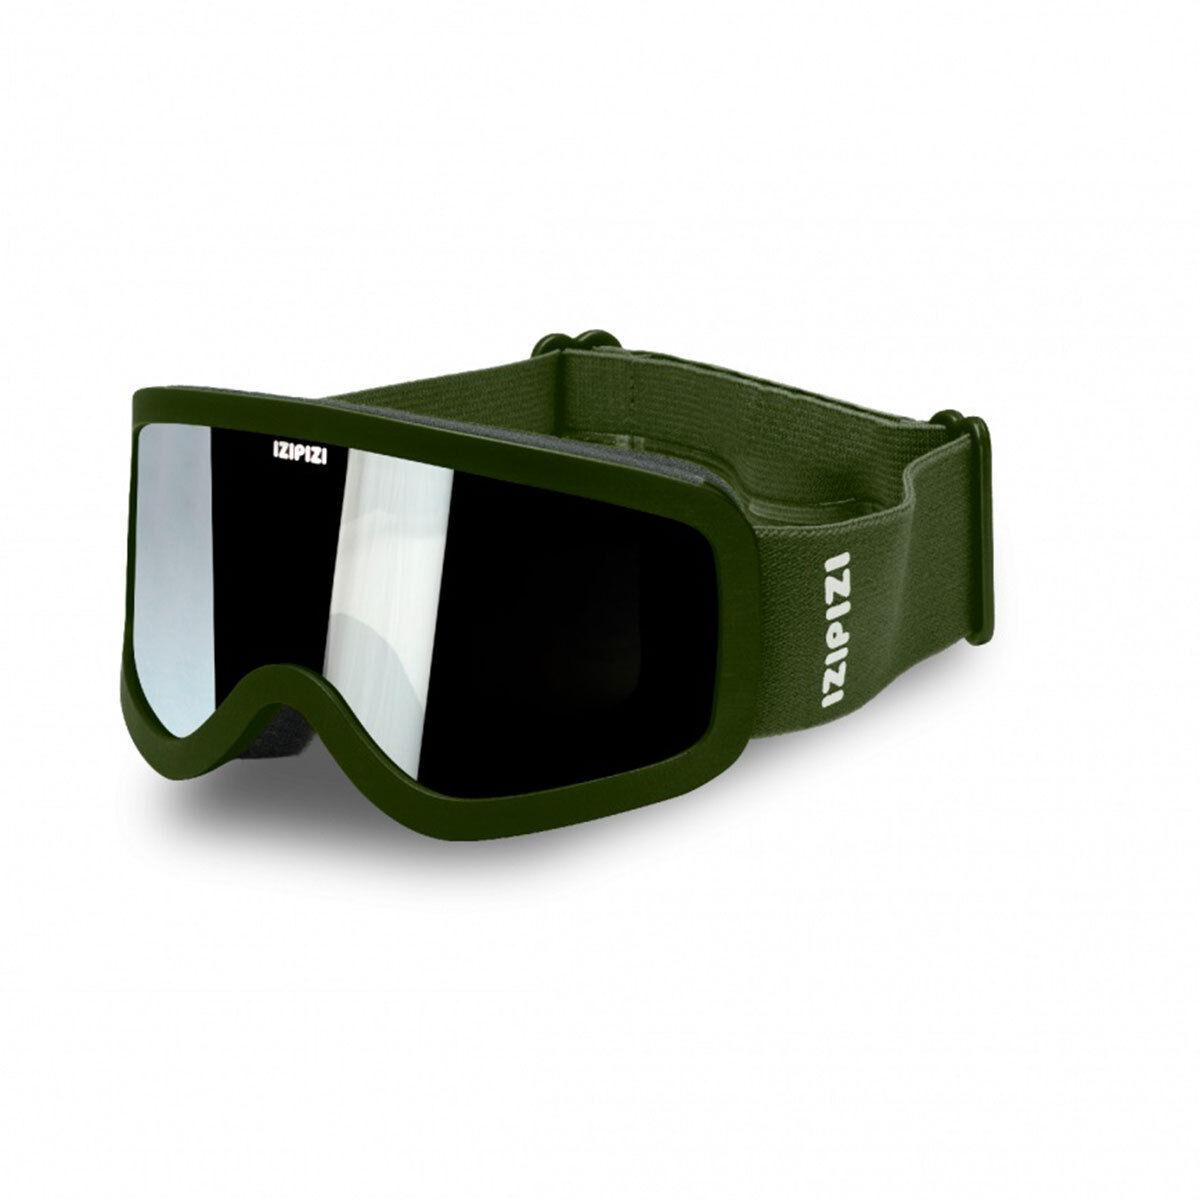 IZIPIZI Masque de Ski Kaki Green - 4/10 Ans